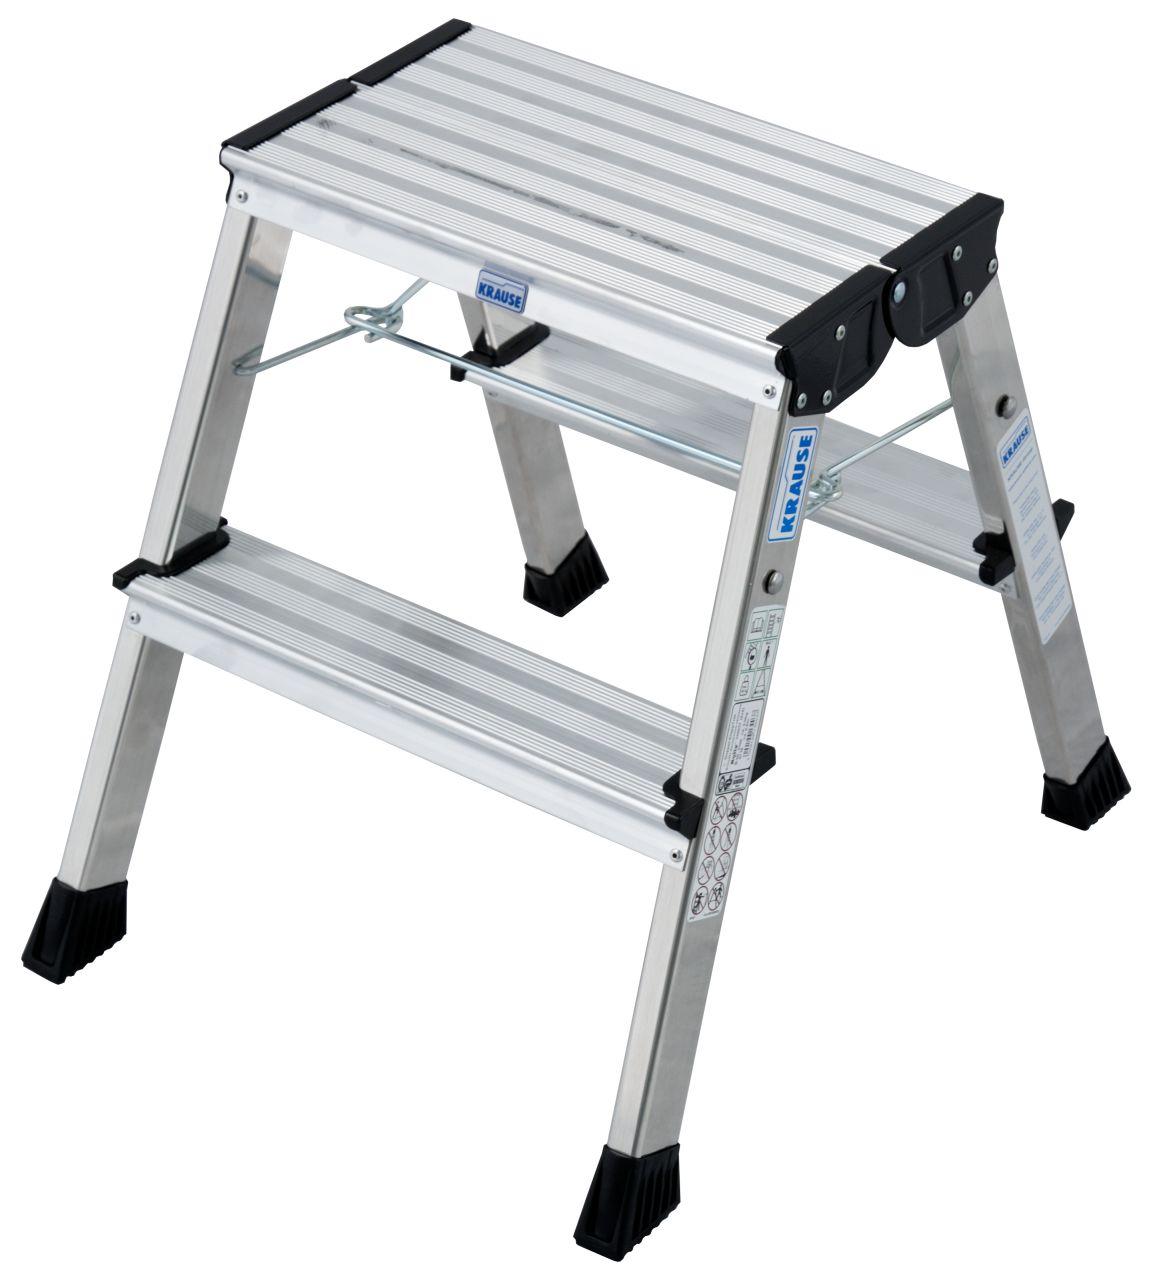 Doppel-Klapptritt Rolly. Der fahrbare und farbenfrohe Aluminium-Tritt für Steiganwendungen bis 2,65 m Arbeitshöhe (3-stufige Variante)